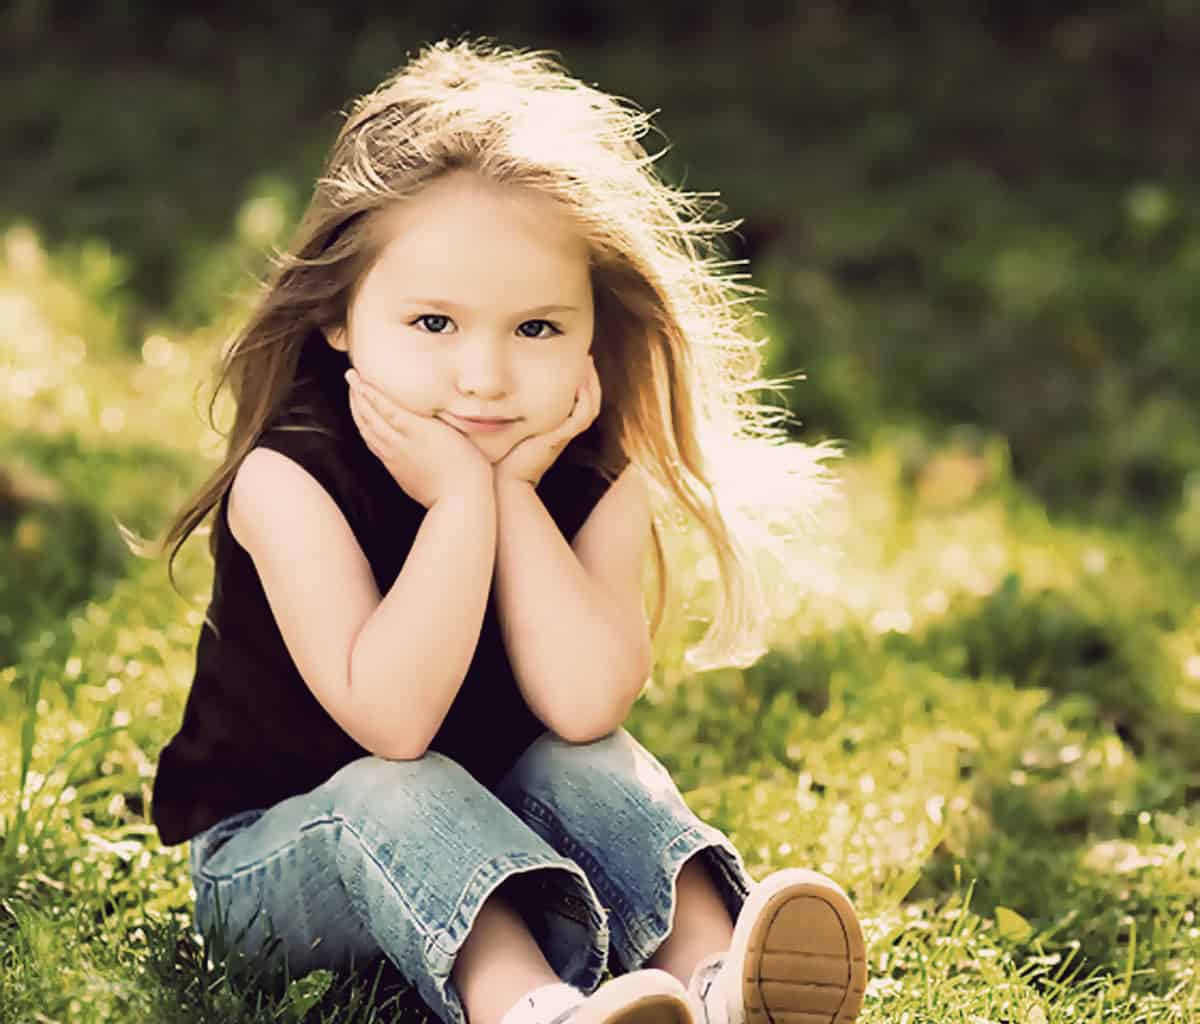 صور تفسير حلم البنت الصغيره لغير المتزوجه , ما معنى البنت الصغيره فى الحلم لغير المتزوجه